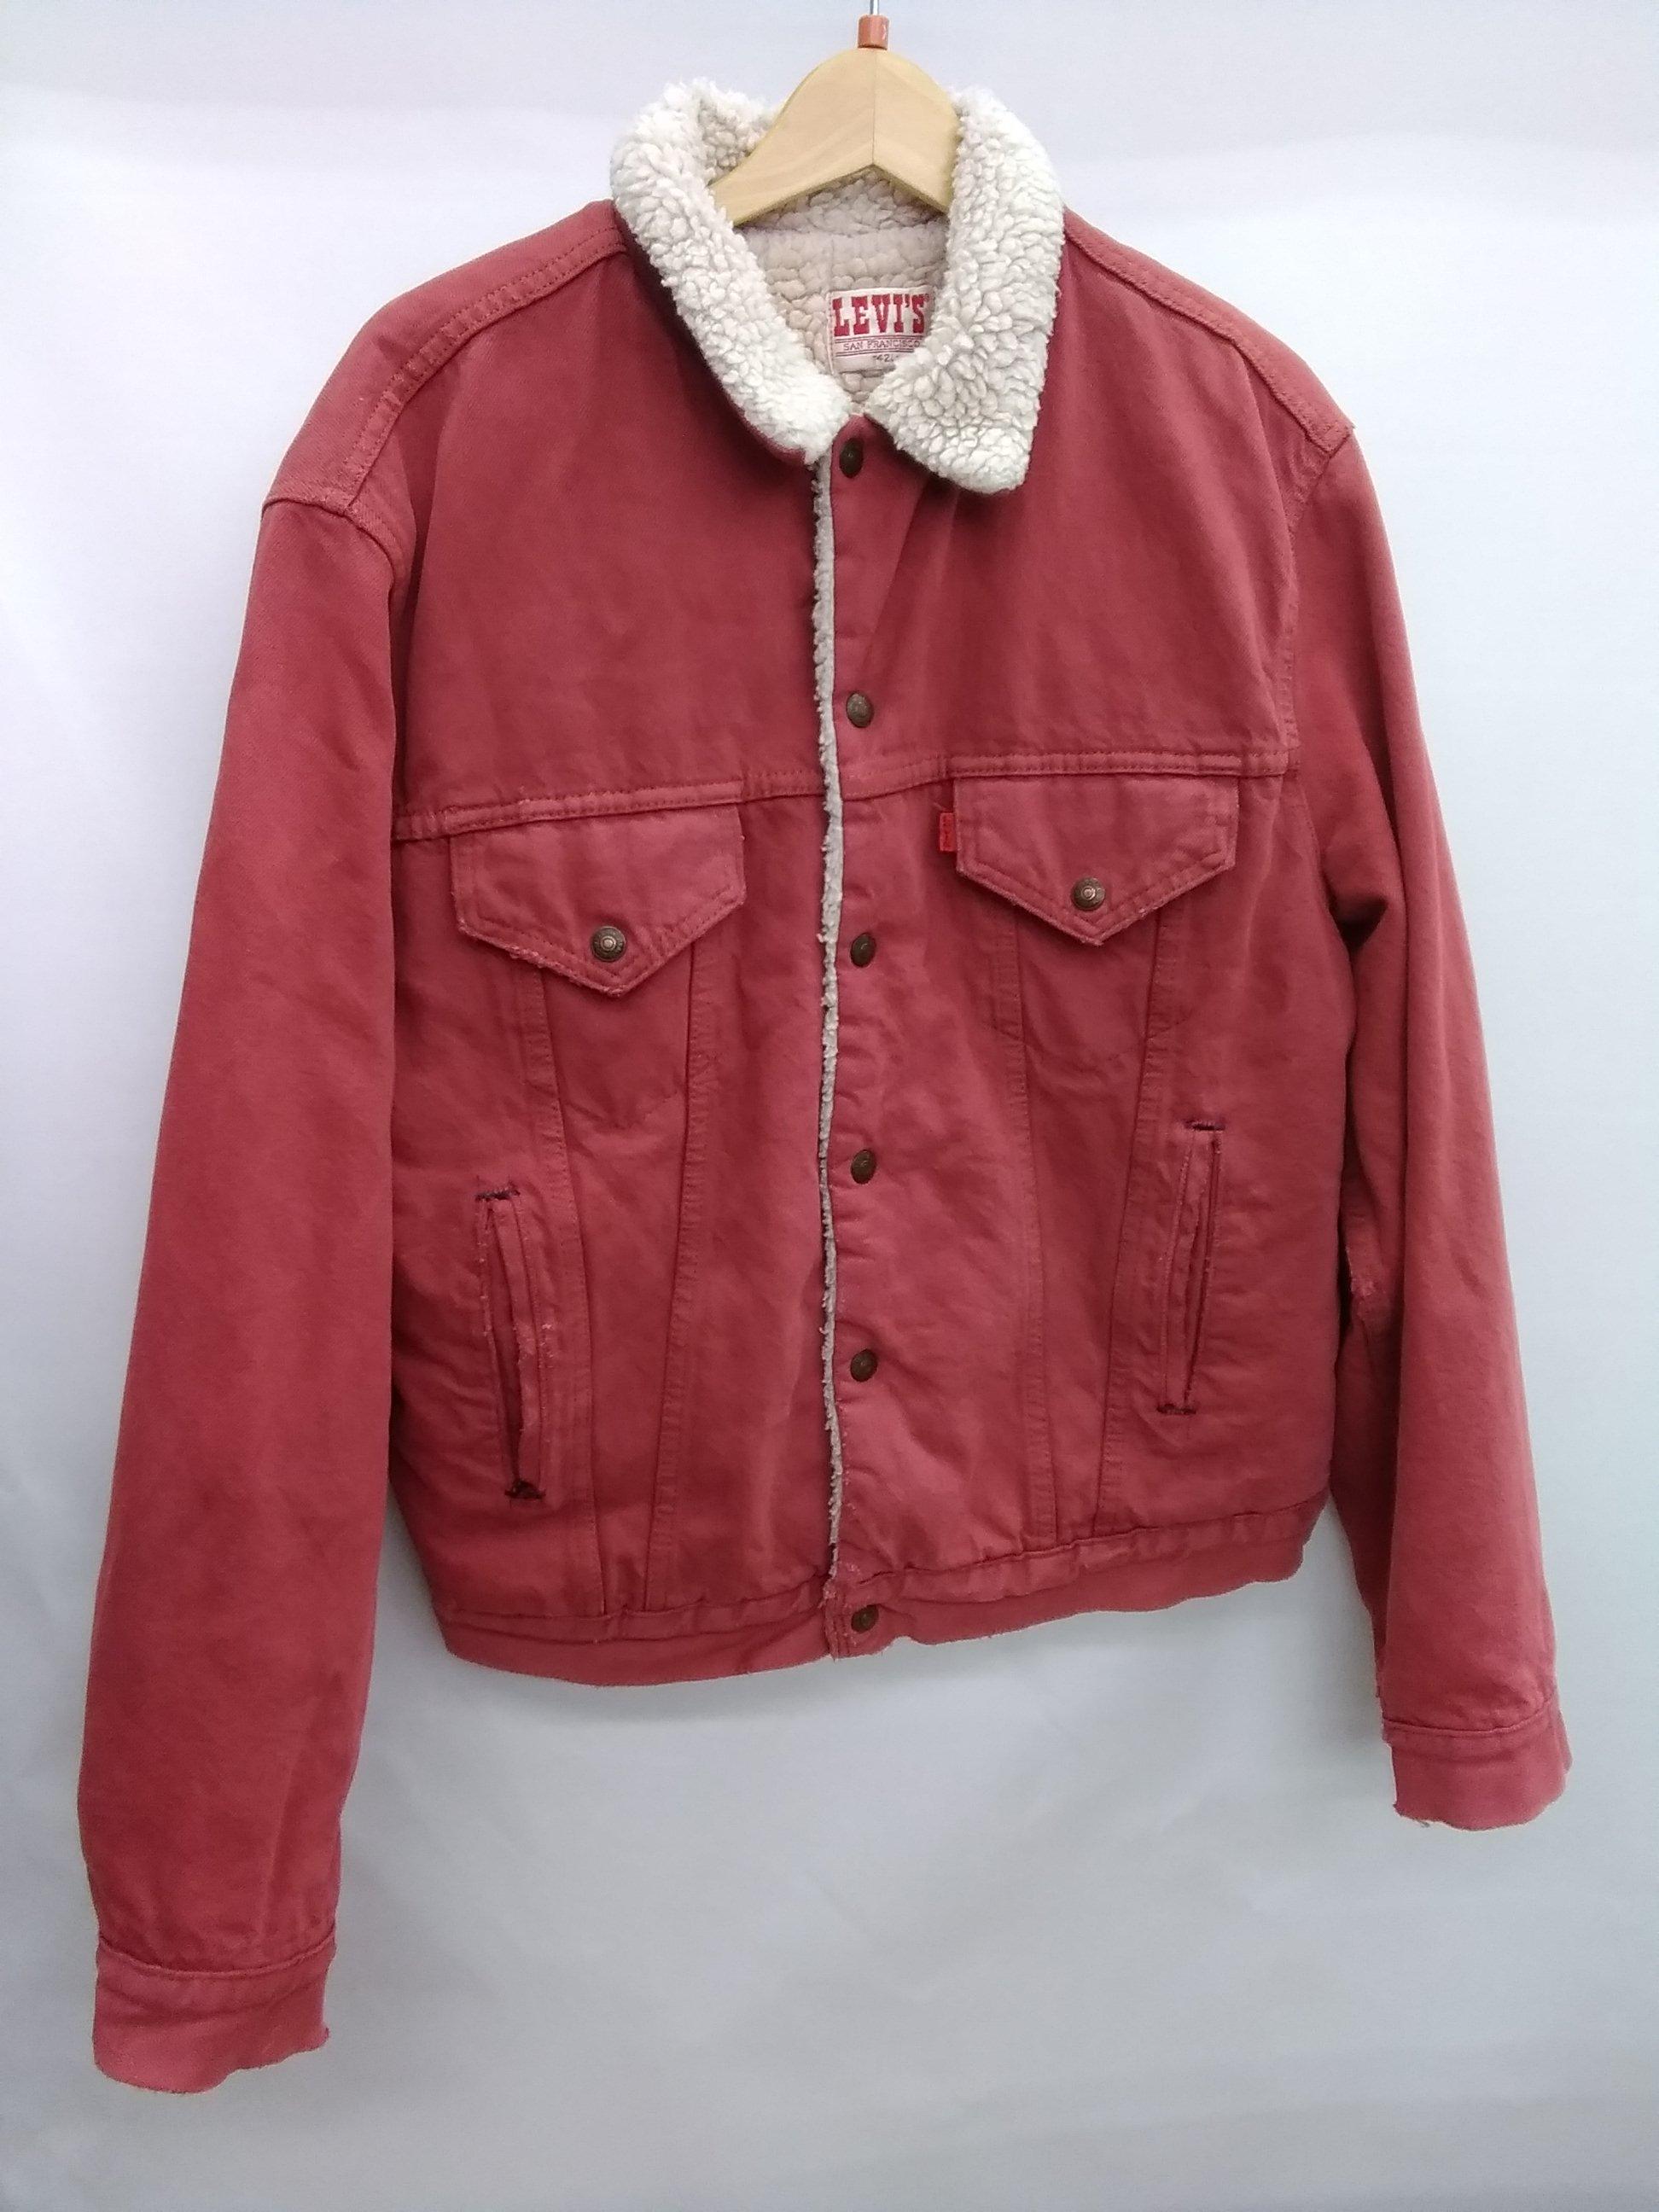 LEVI'S 後染めボアジャケット 80s|LEVI'S